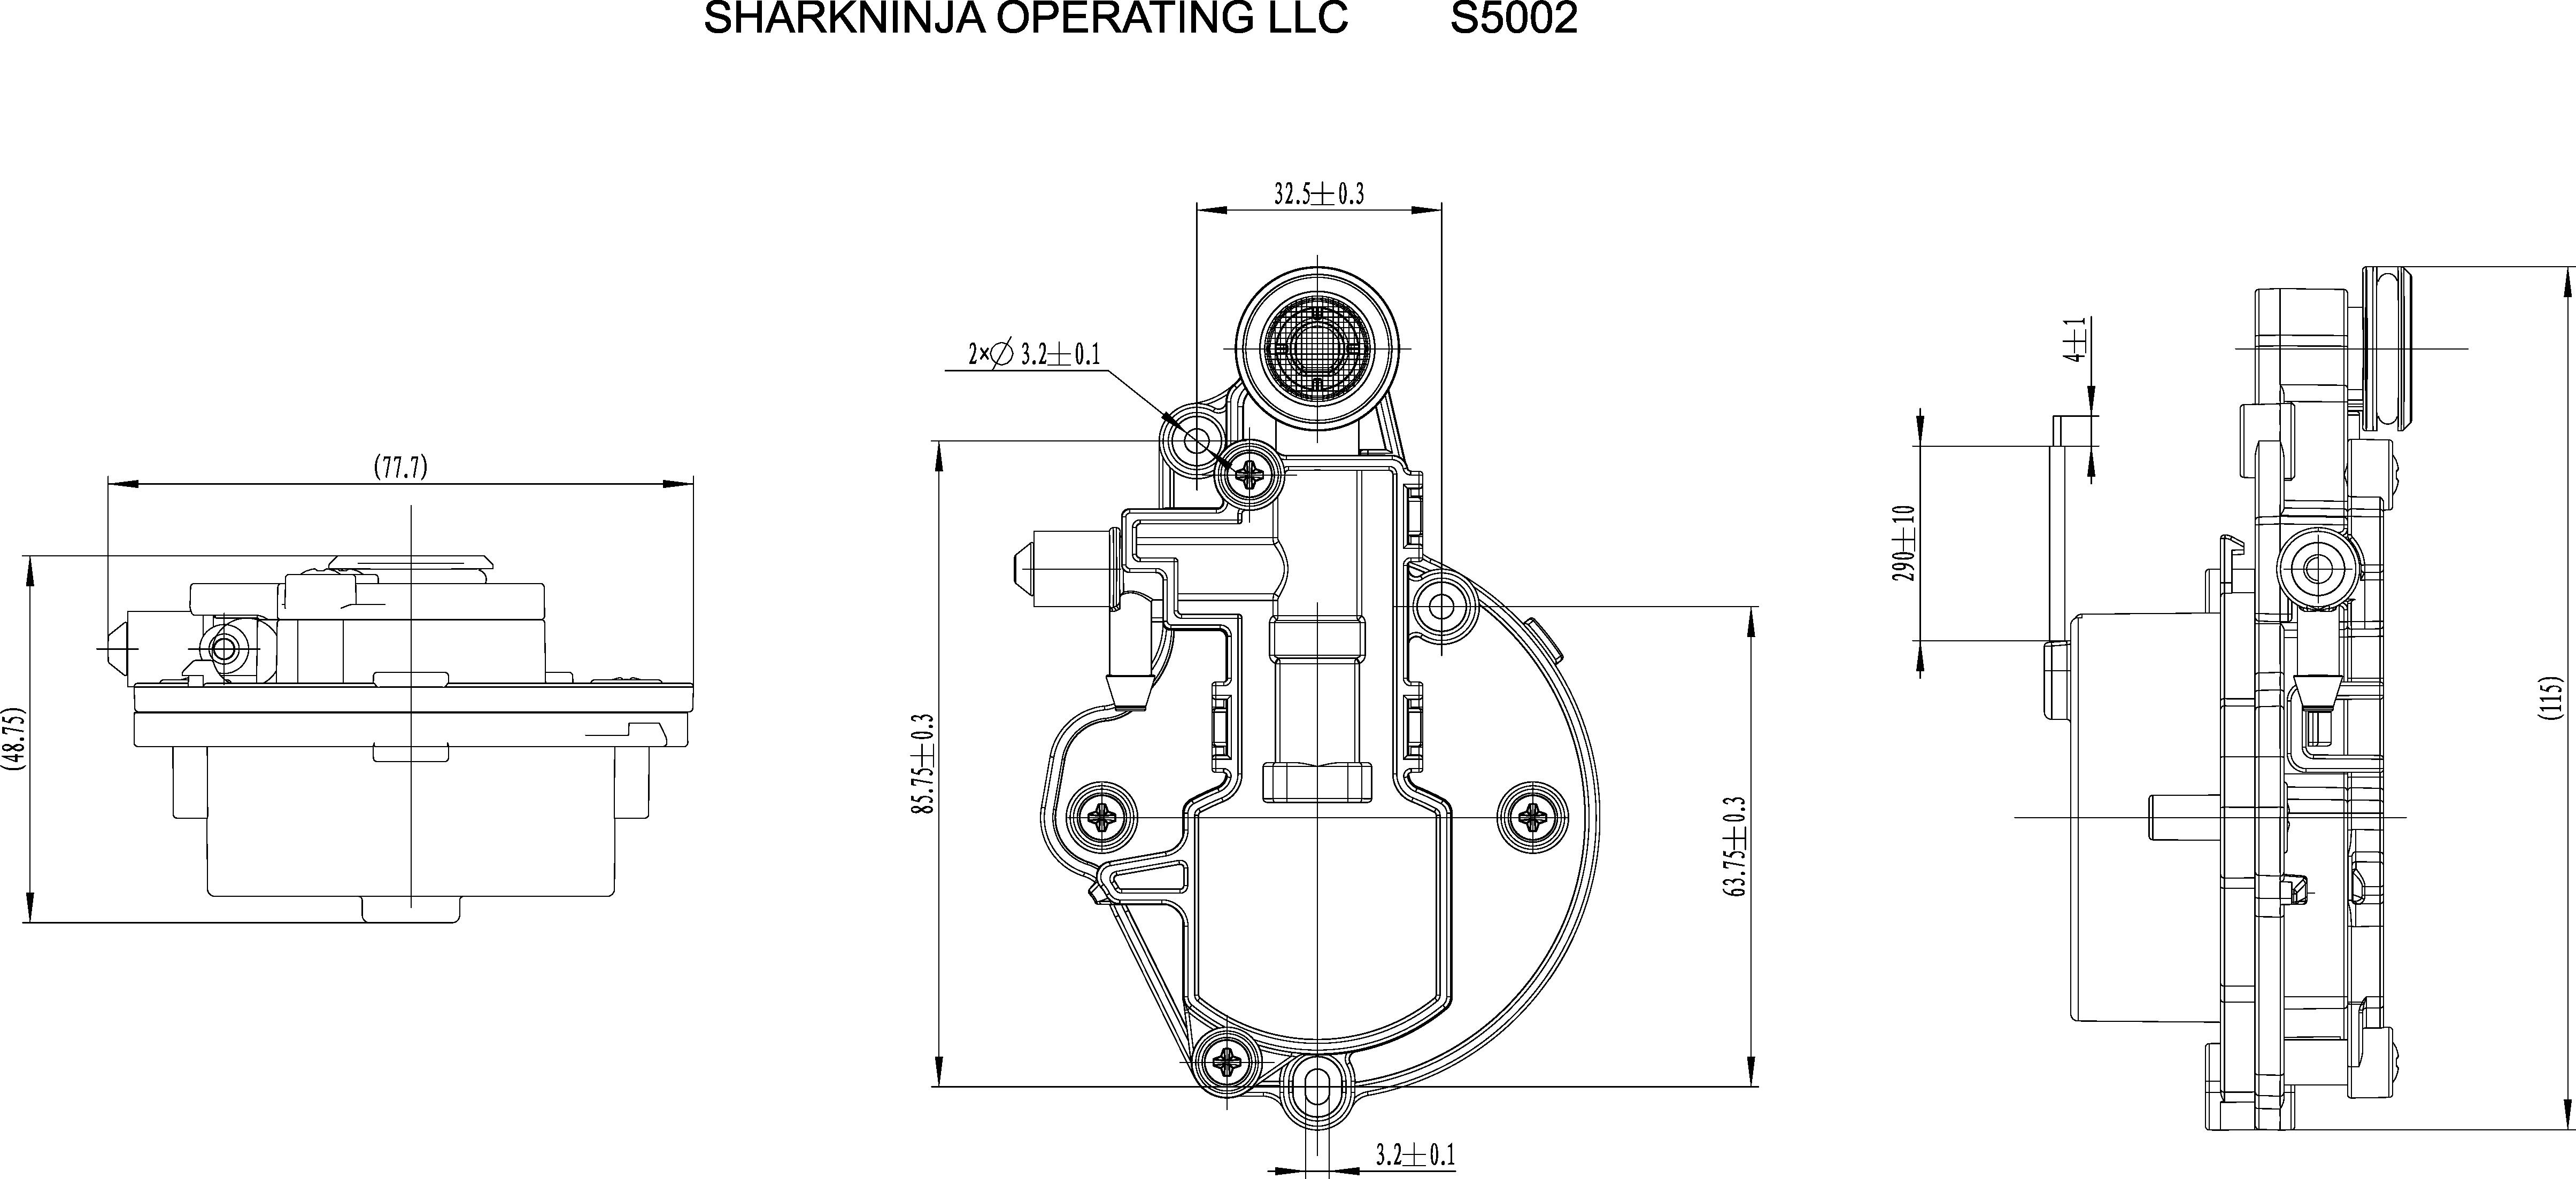 AC-Pump_Outline拉-02